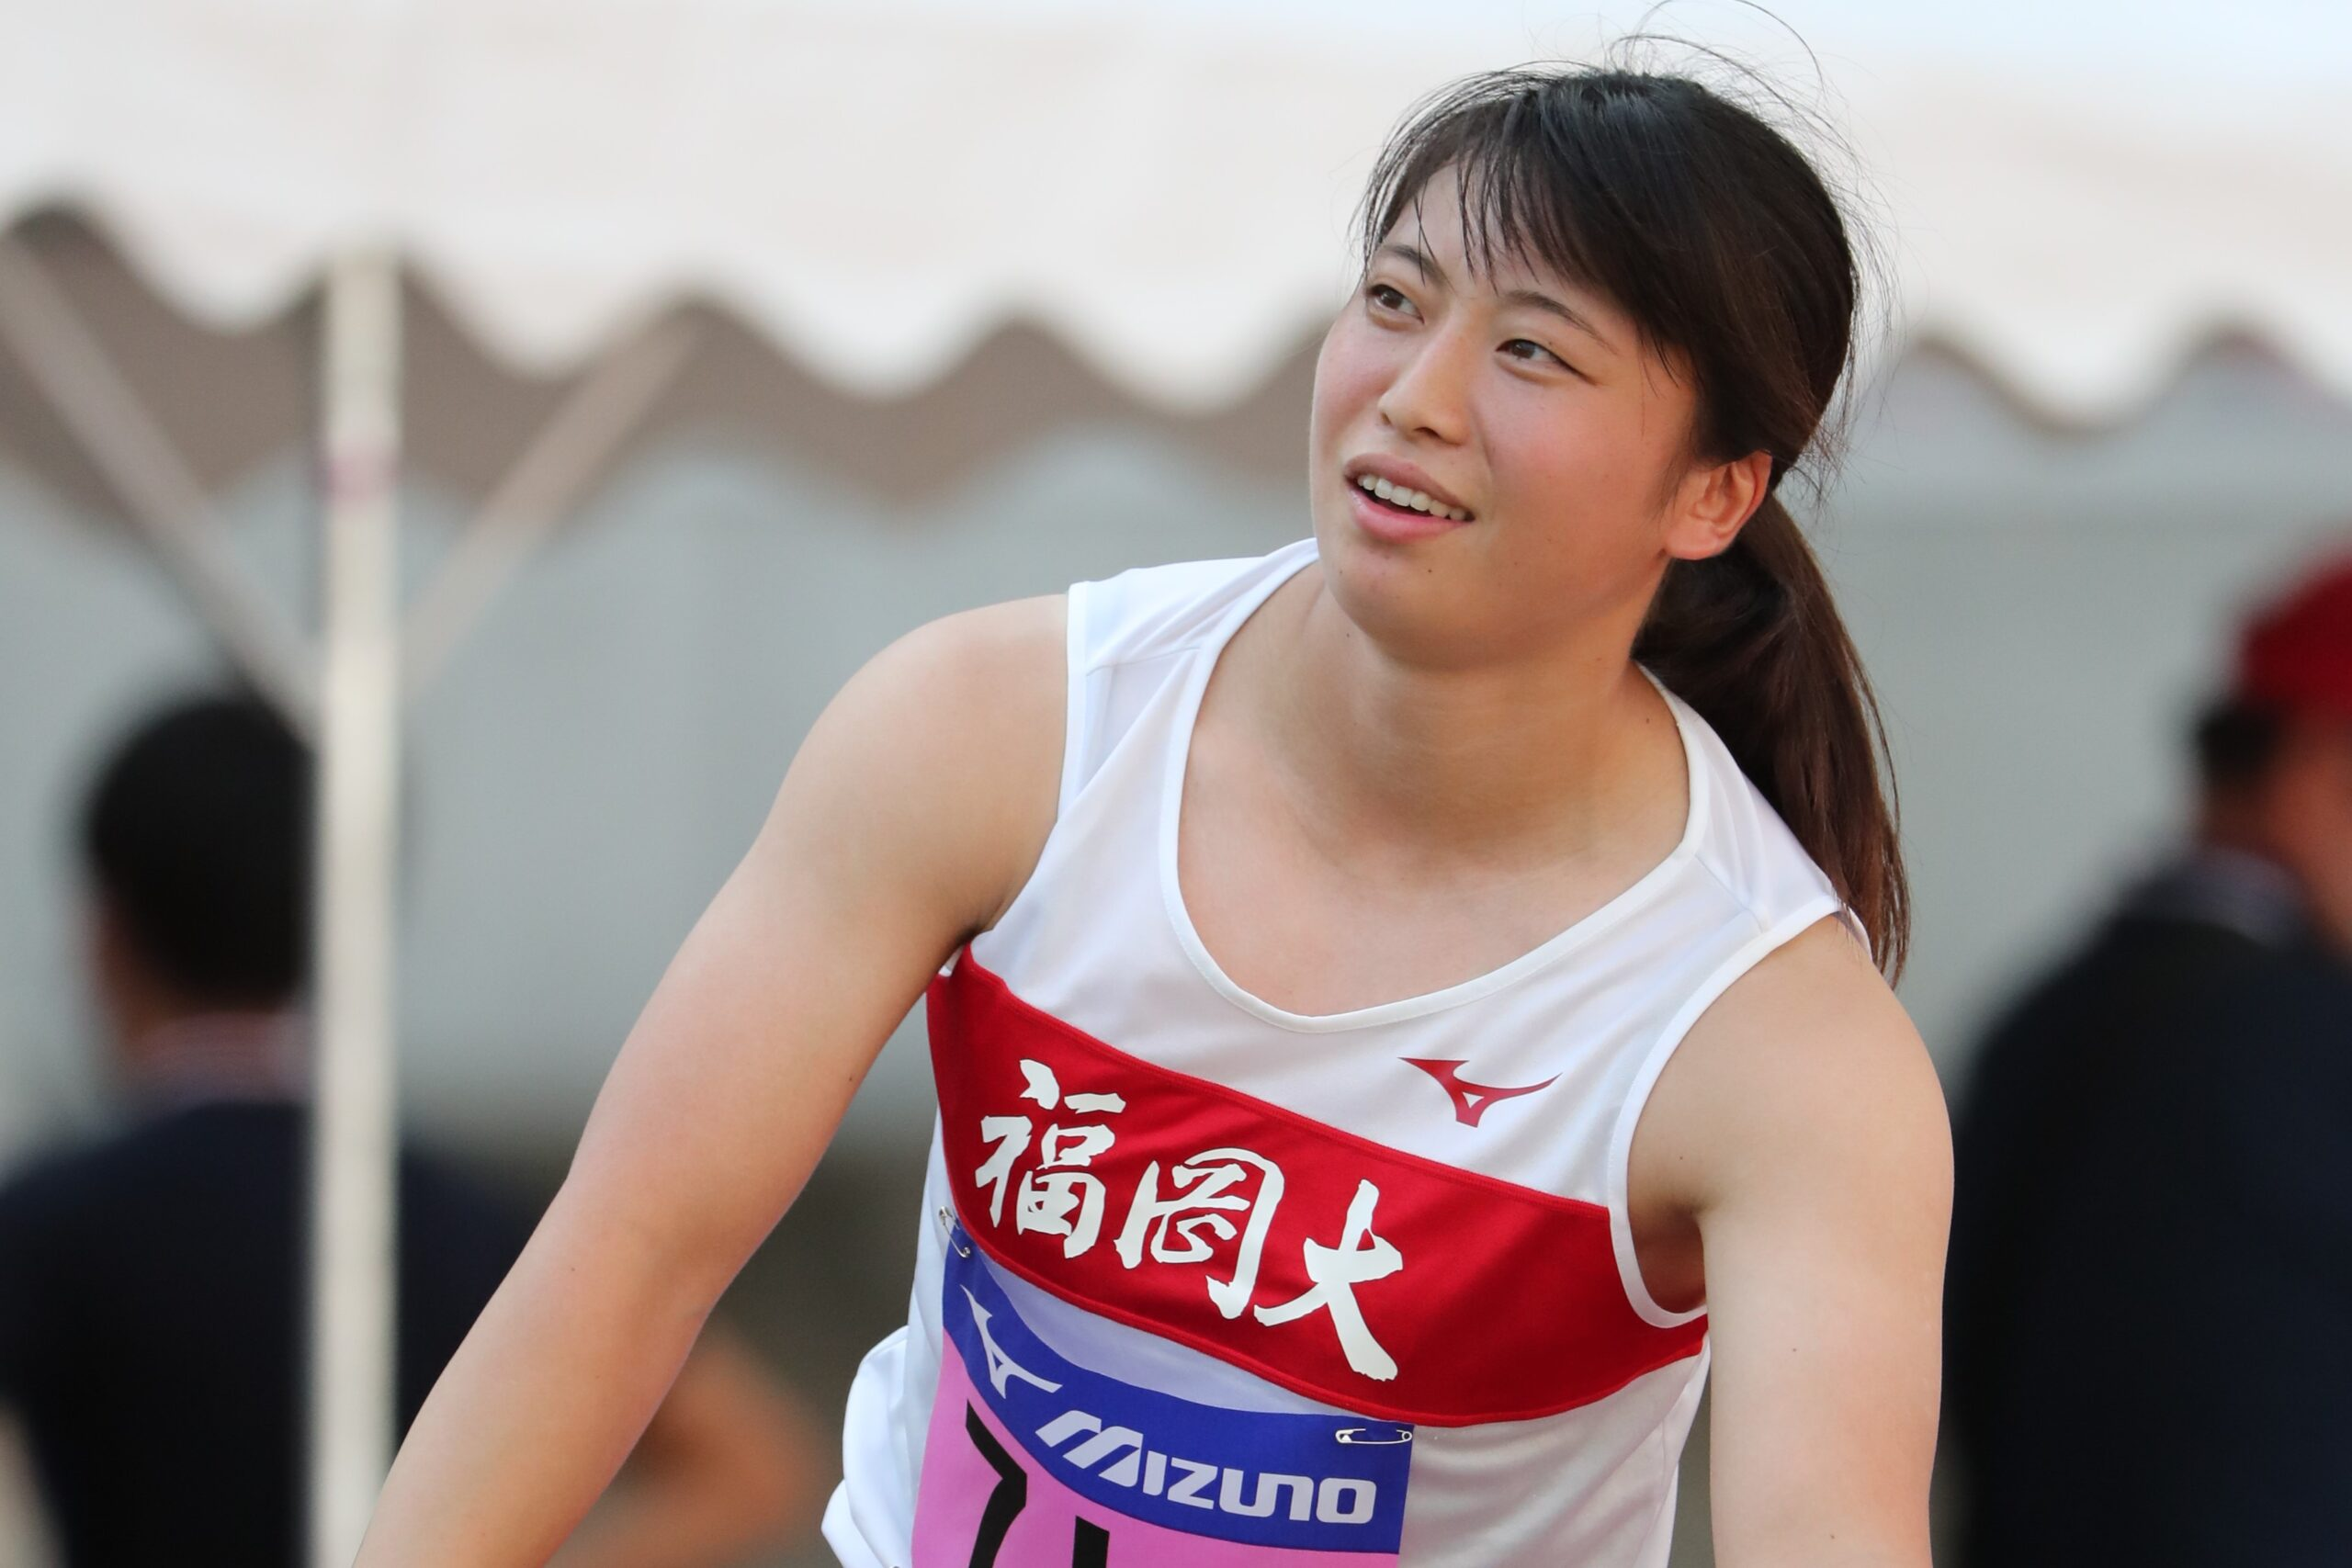 上田百寧が3度目の女子やり投60m超え 男子400mHは地元・黒川が大会新V/田島記念